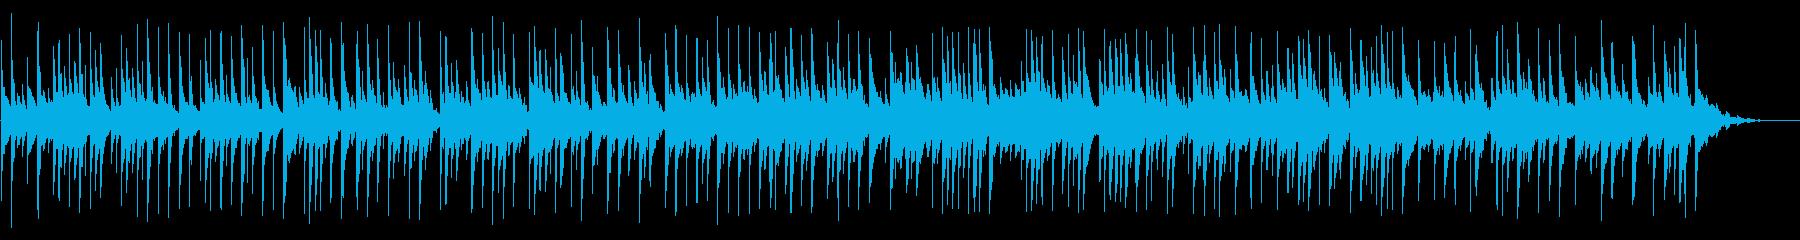 ✡不思議な話に合いそうな✡オルゴール★Cの再生済みの波形